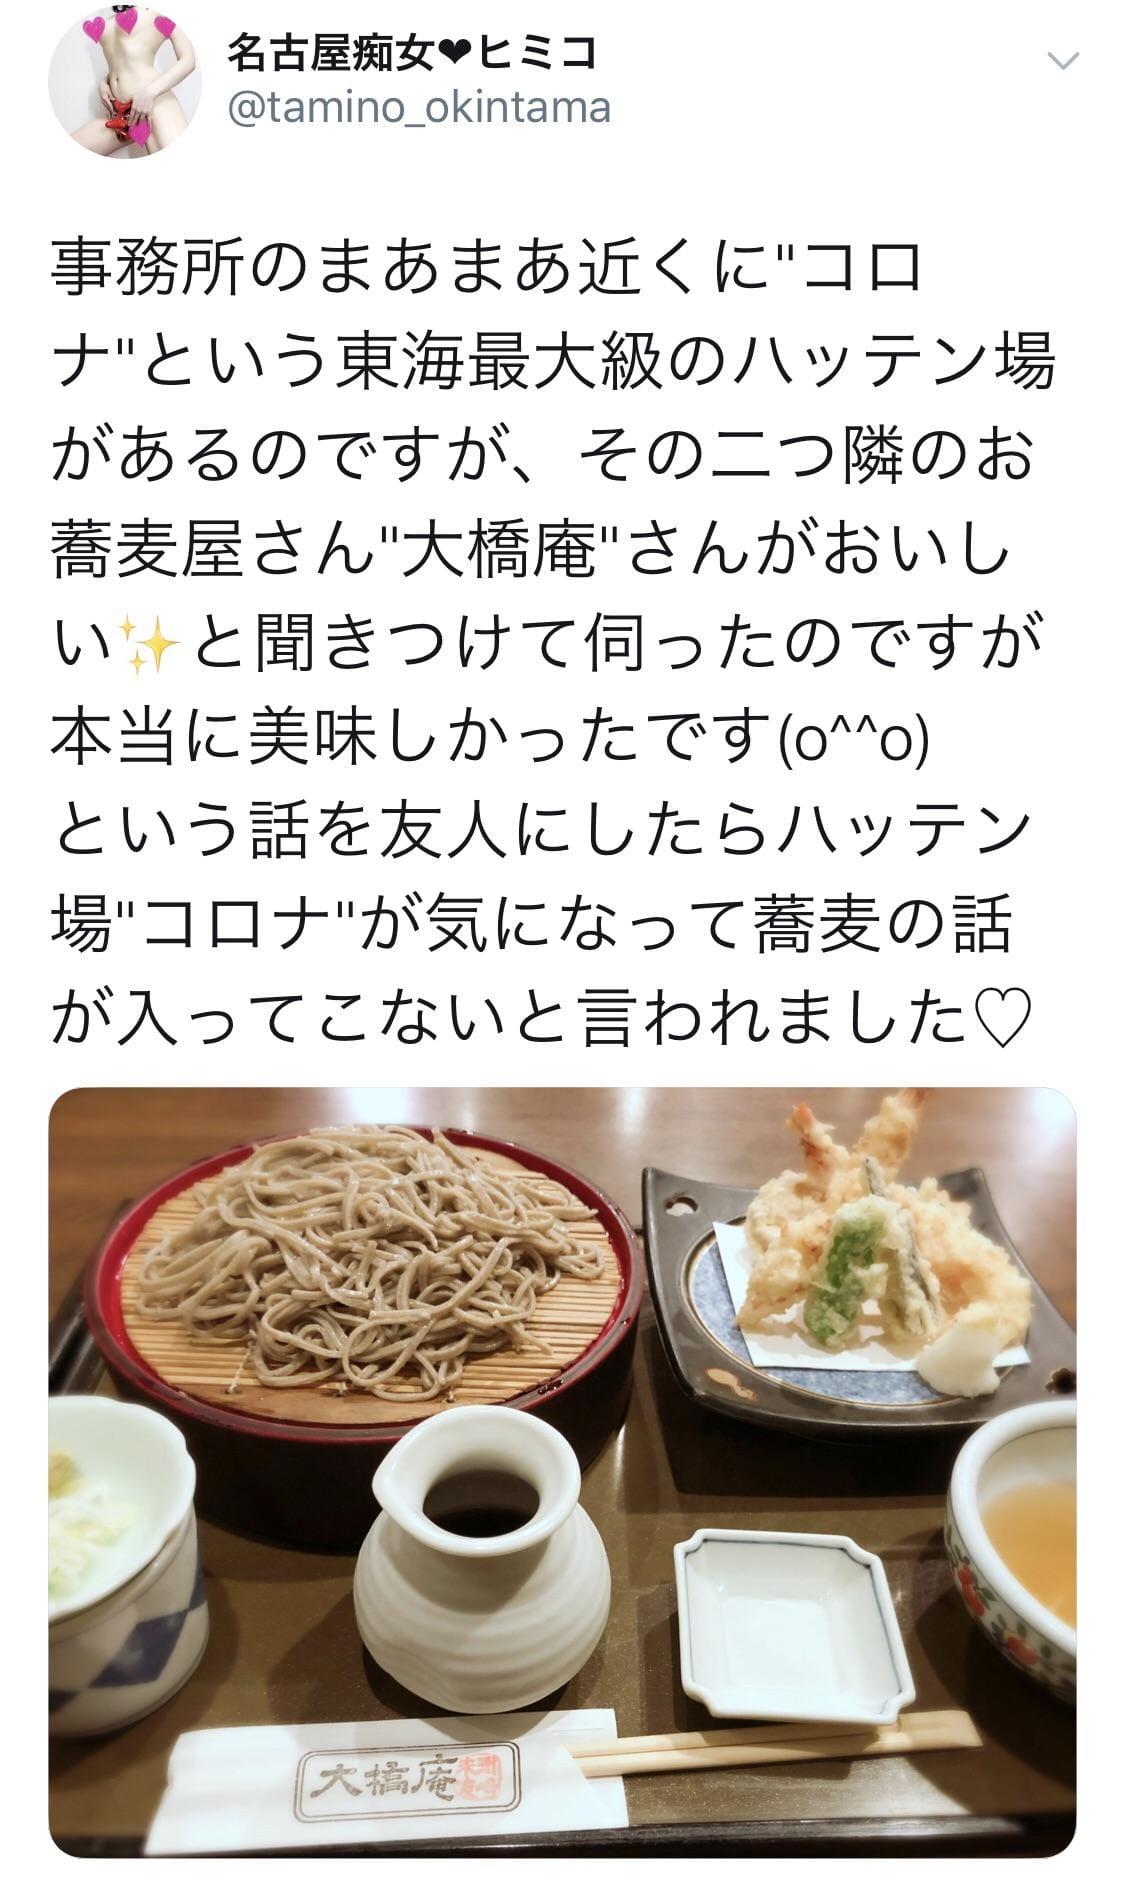 「札幌痴女にお邪魔します♪2/8(金)━━」02/04日(月) 02:56 | ヒミコの写メ・風俗動画